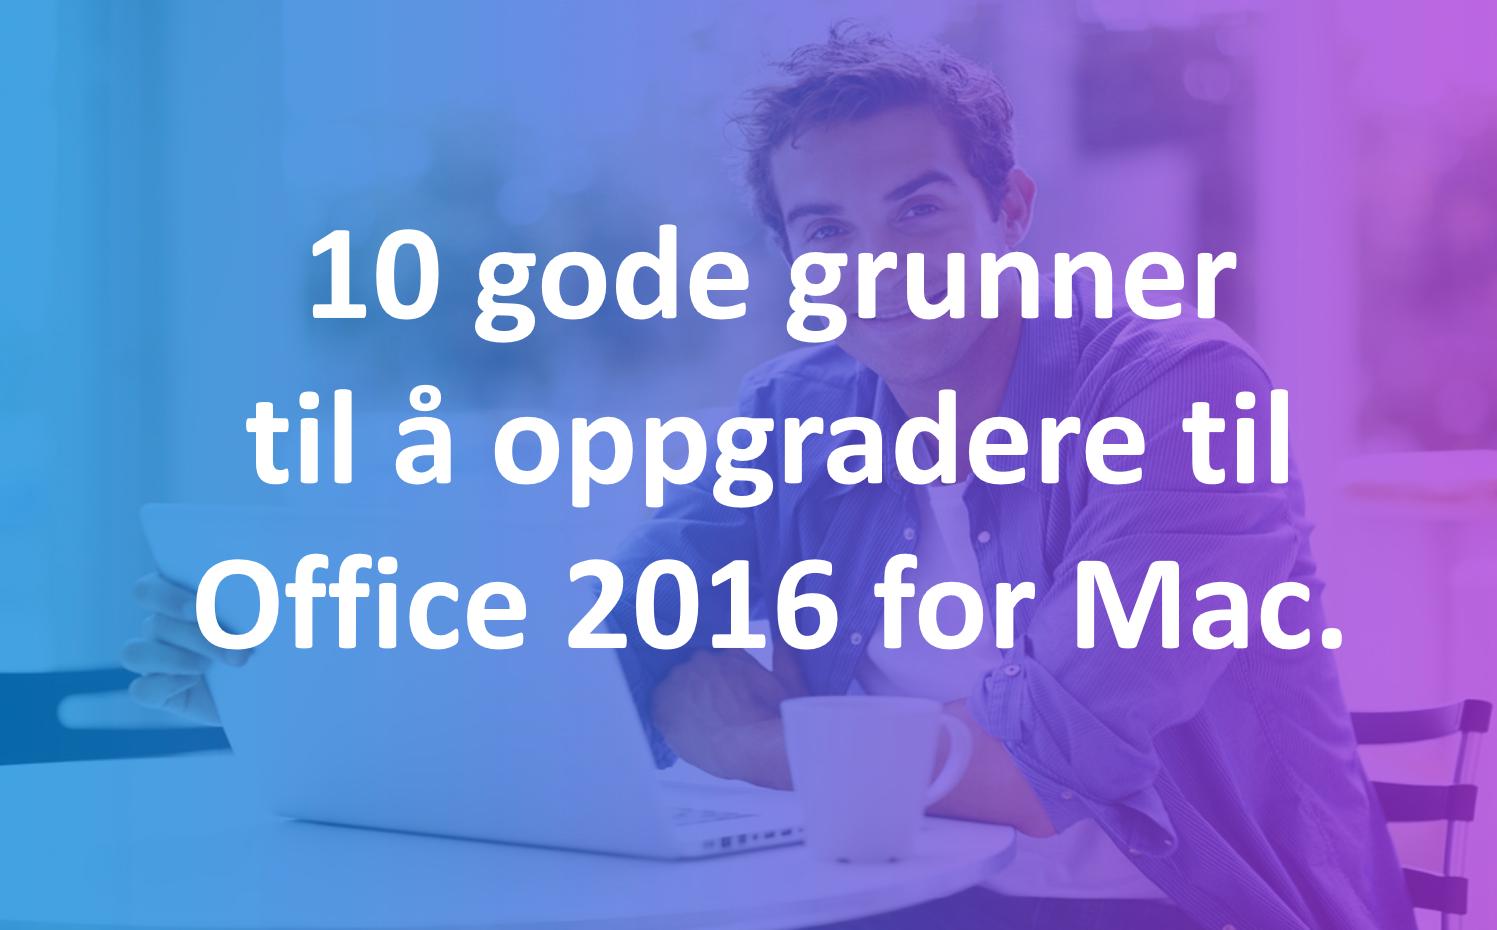 10-gode-grunner-til-c3a5-oppgradere-til-office-2016-for-mac